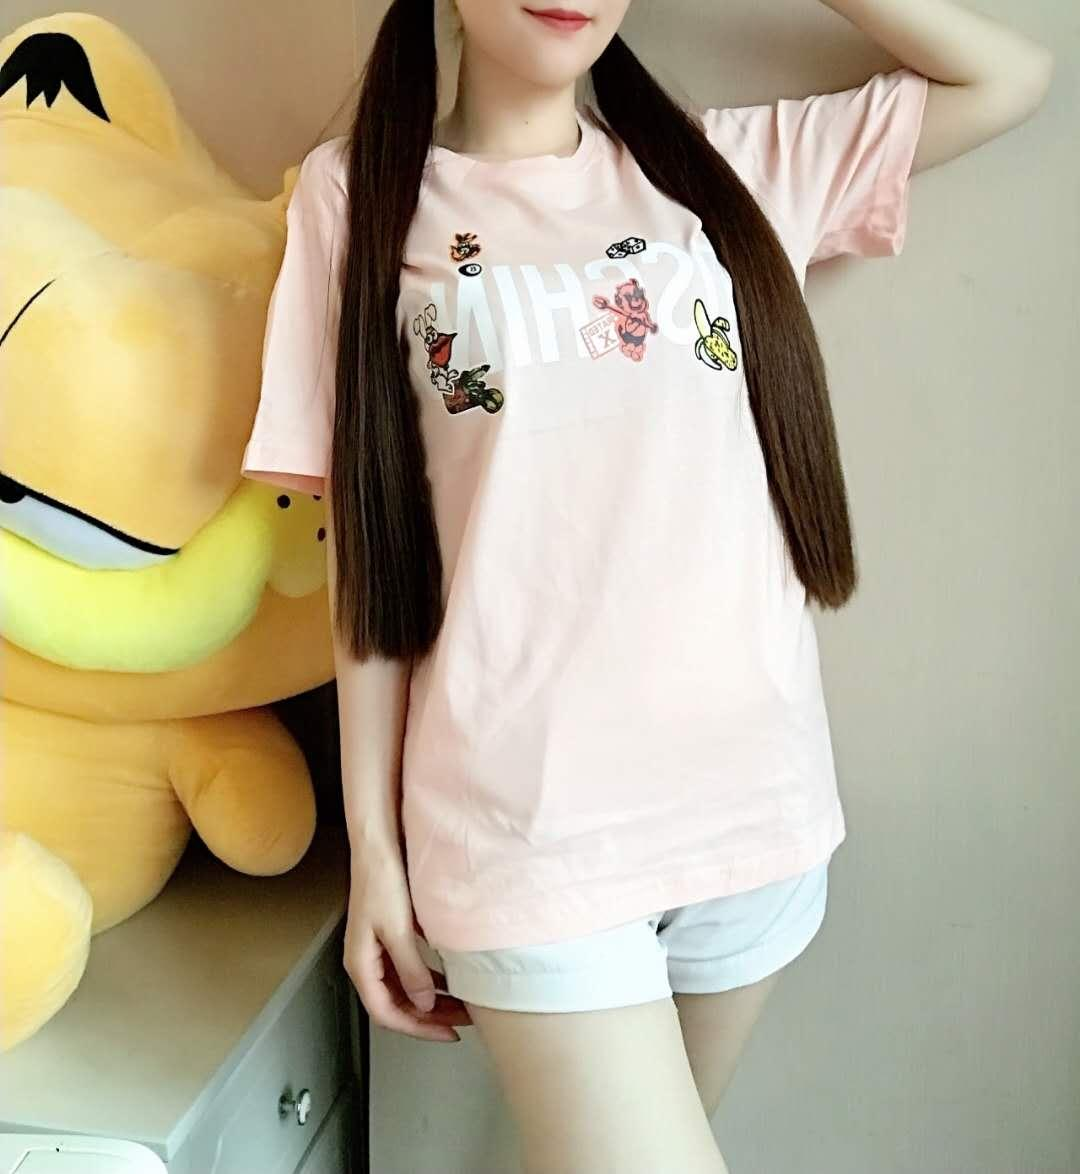 Le donne magliette GG Tees colorati Patterns lettere sleeve stampate breve stile delle parti superiori della ragazza Nnicorn T Shirt